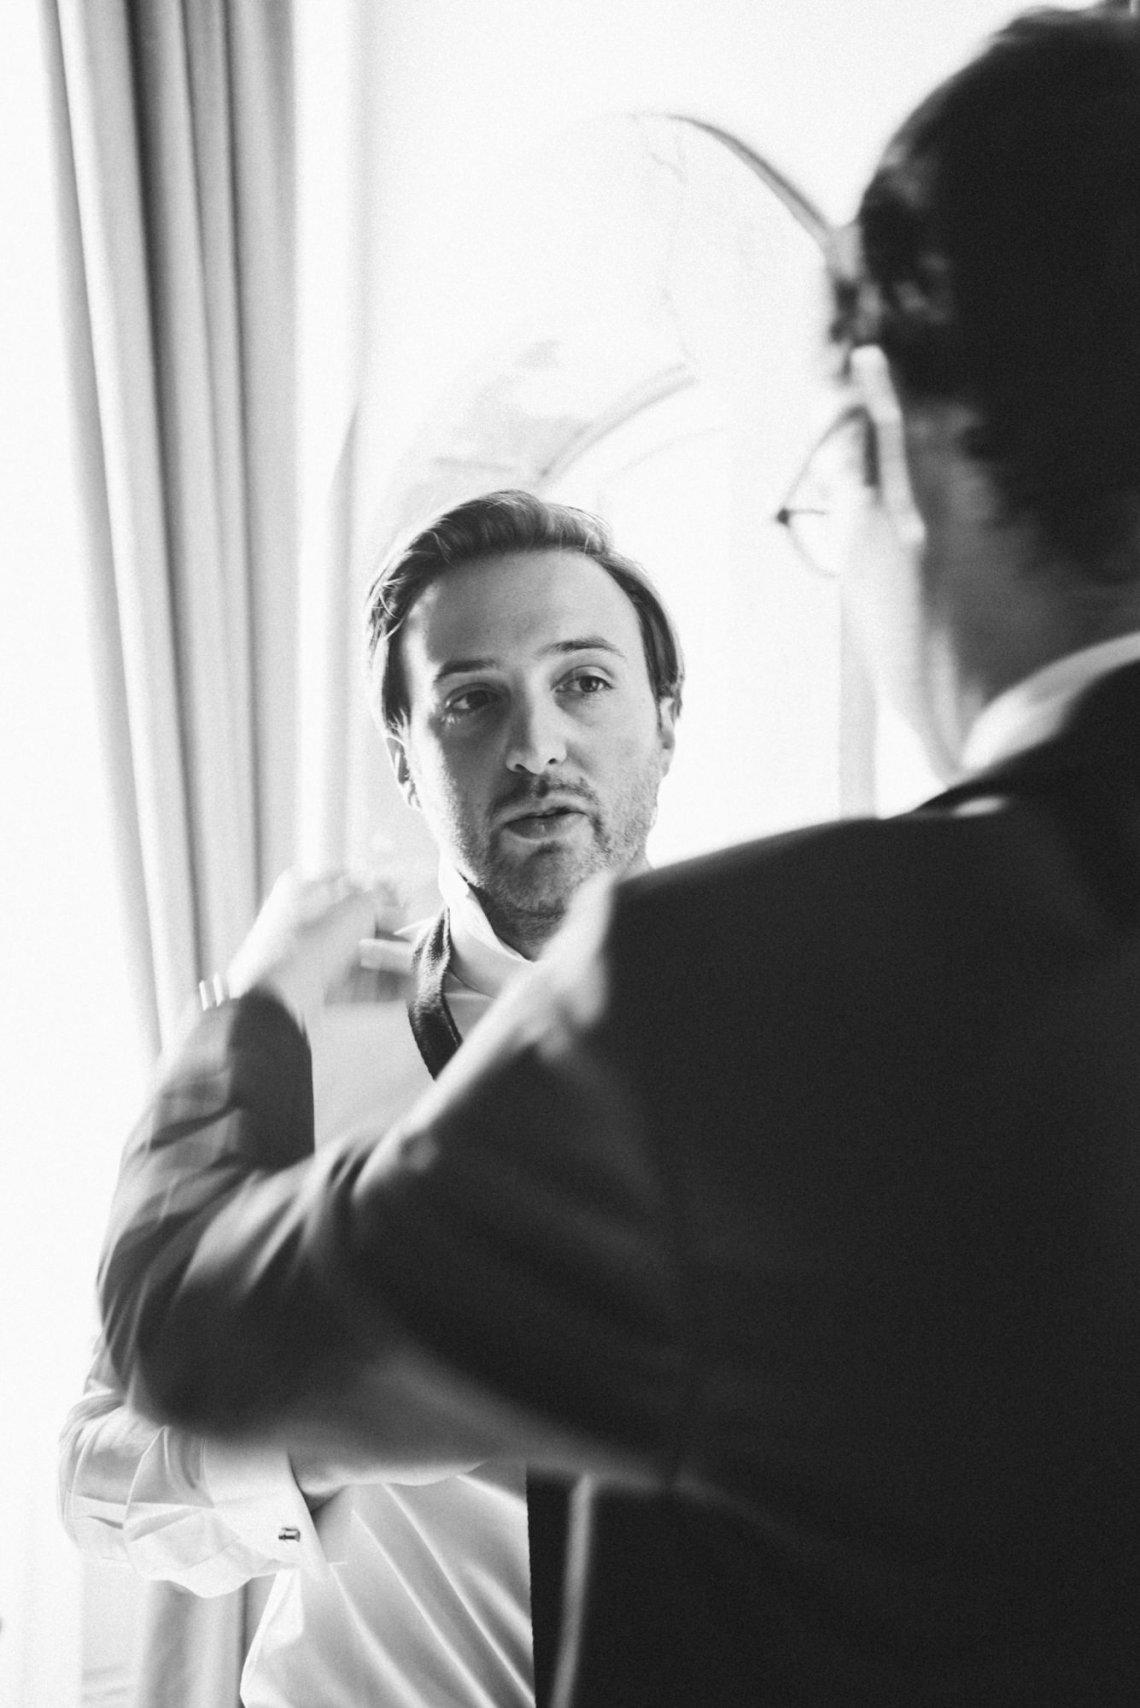 photographe-mariage-angers-nantes-vendee-11